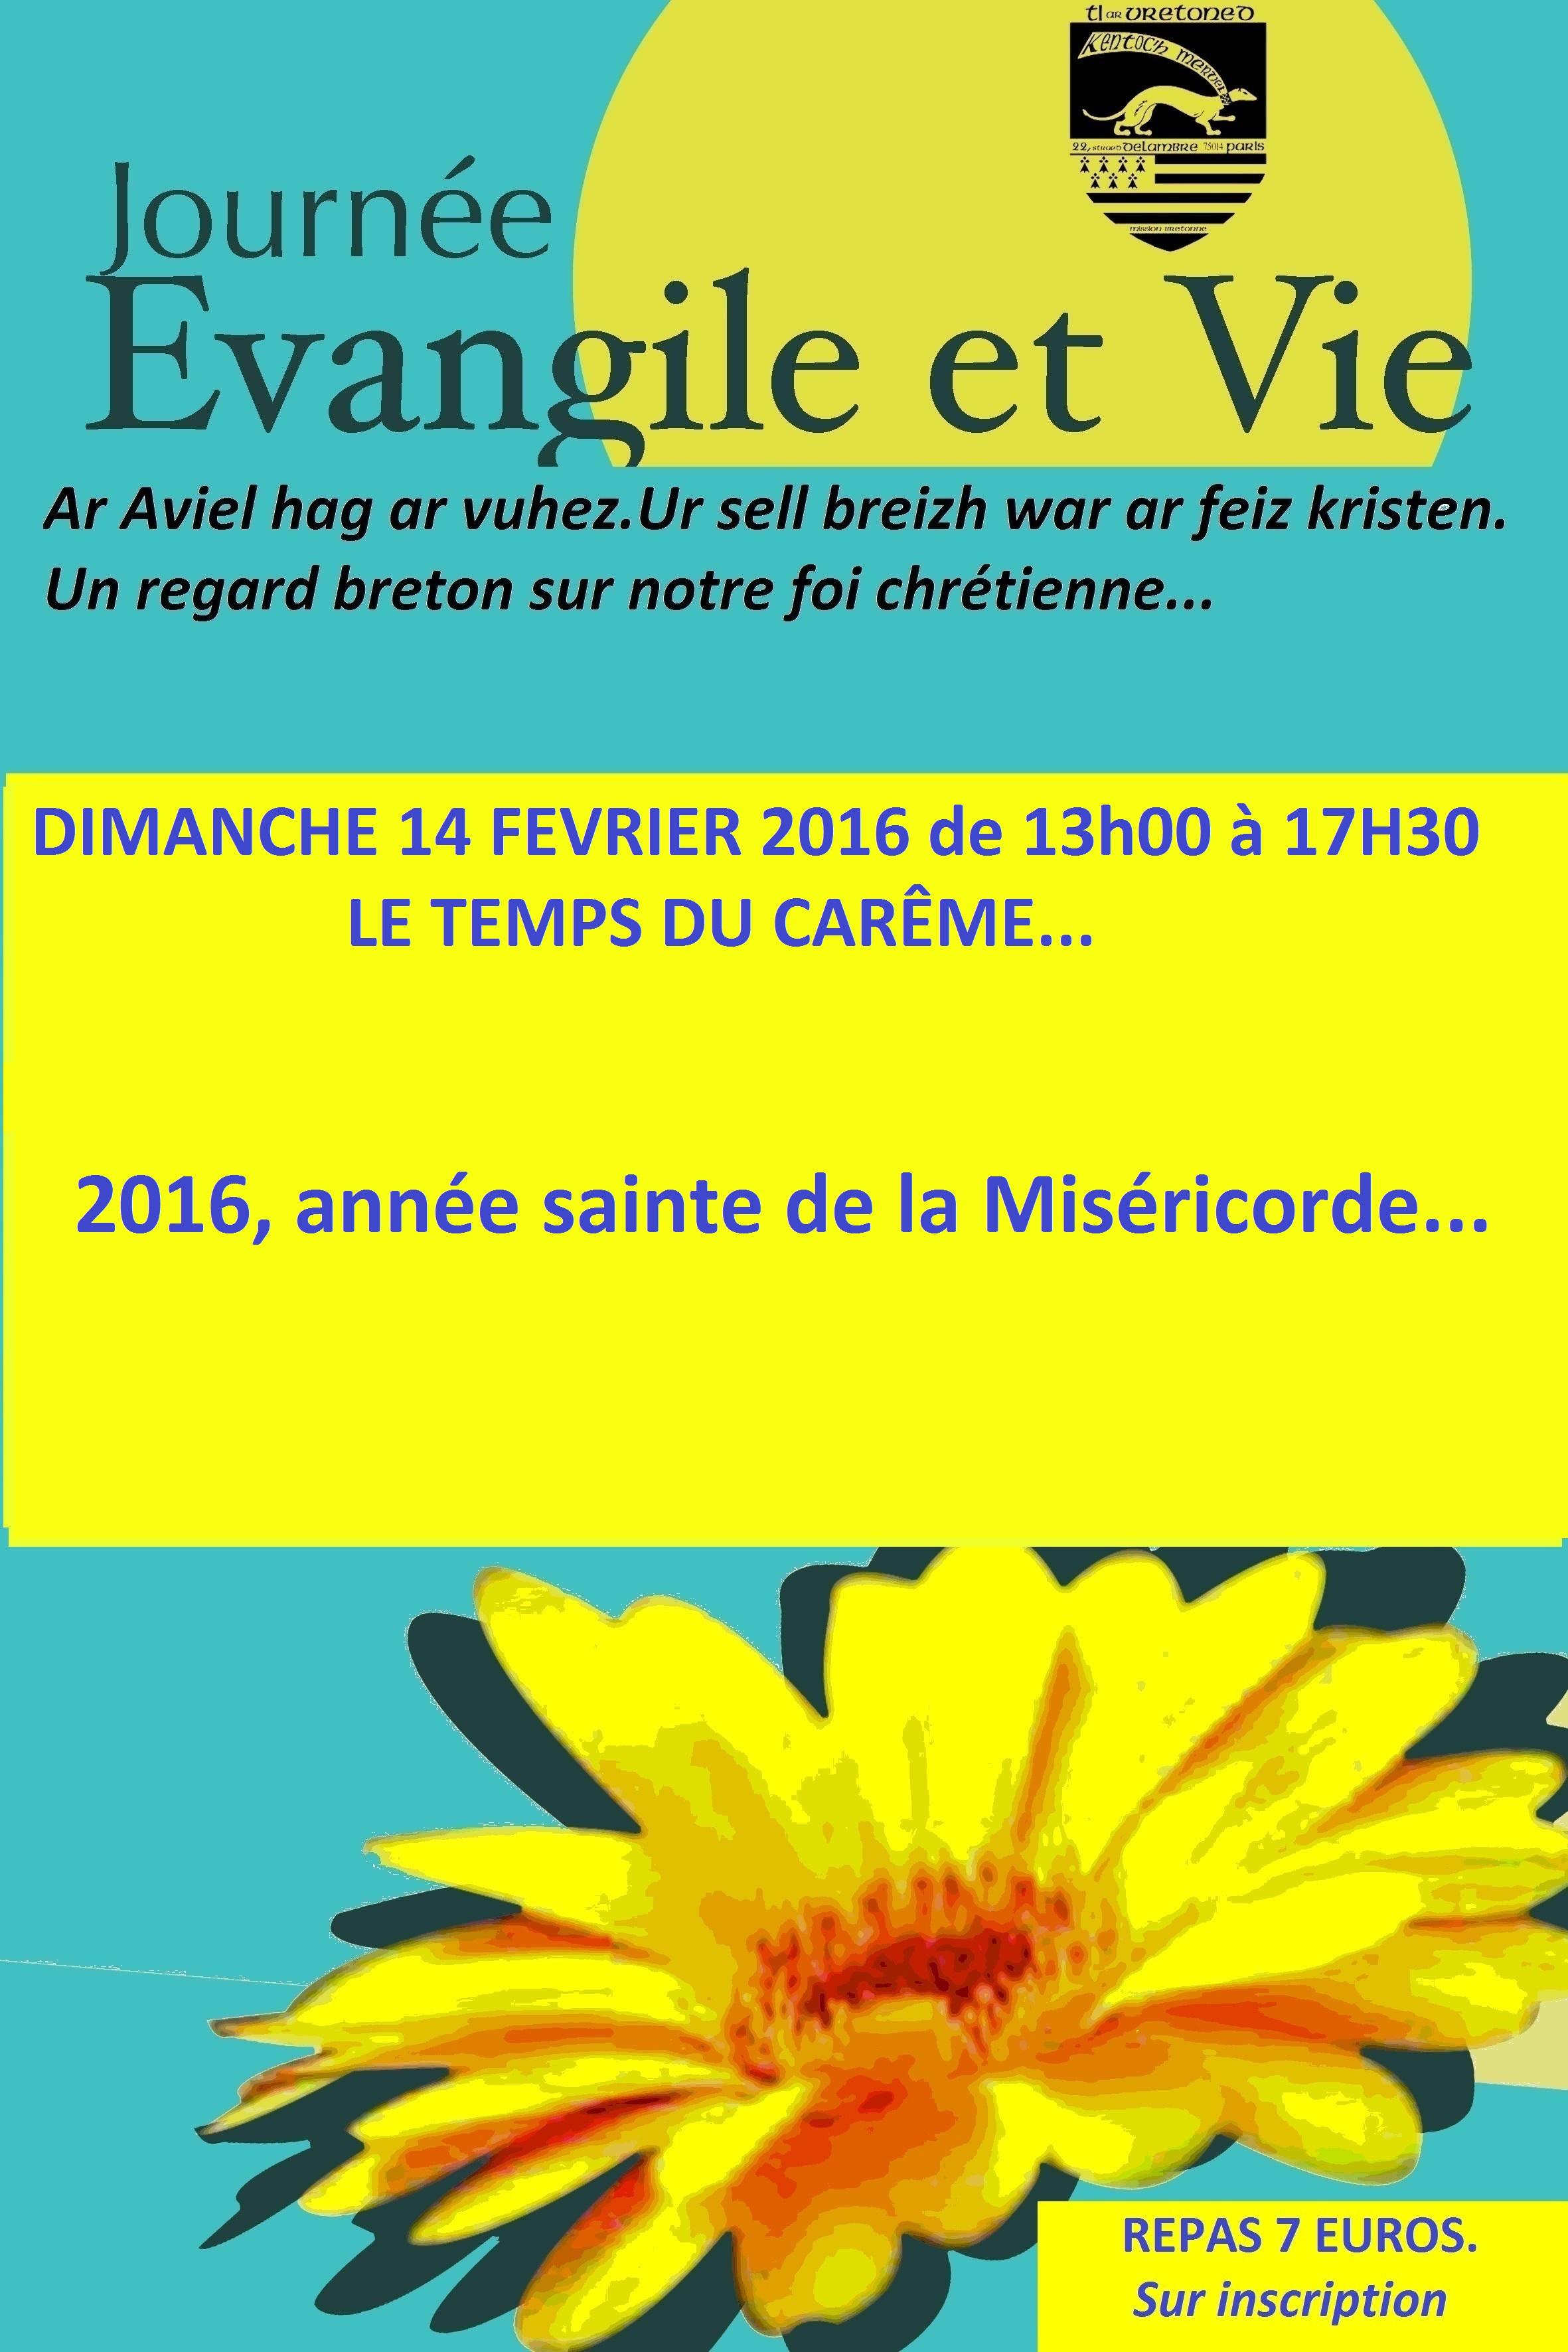 Affiche Evangile et Vie  février 2016 (2)